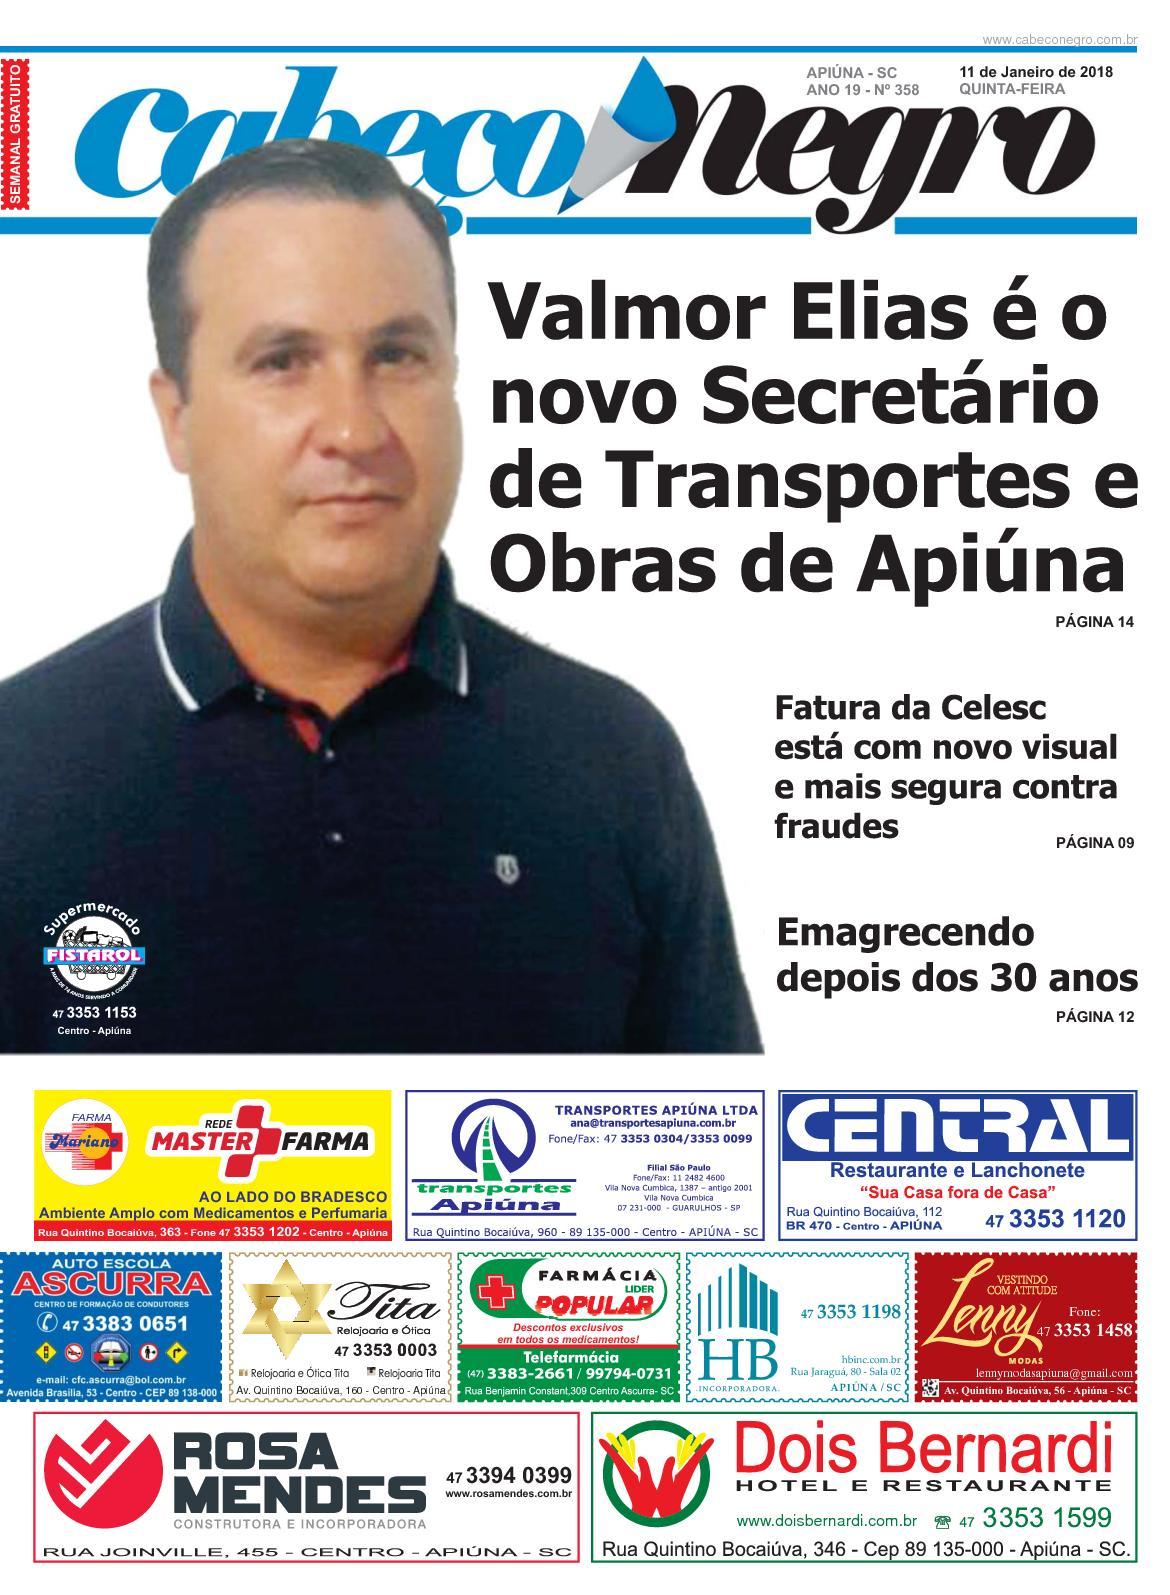 Jornal CABEÇO NEGRO - Edição 358 11JAN2018